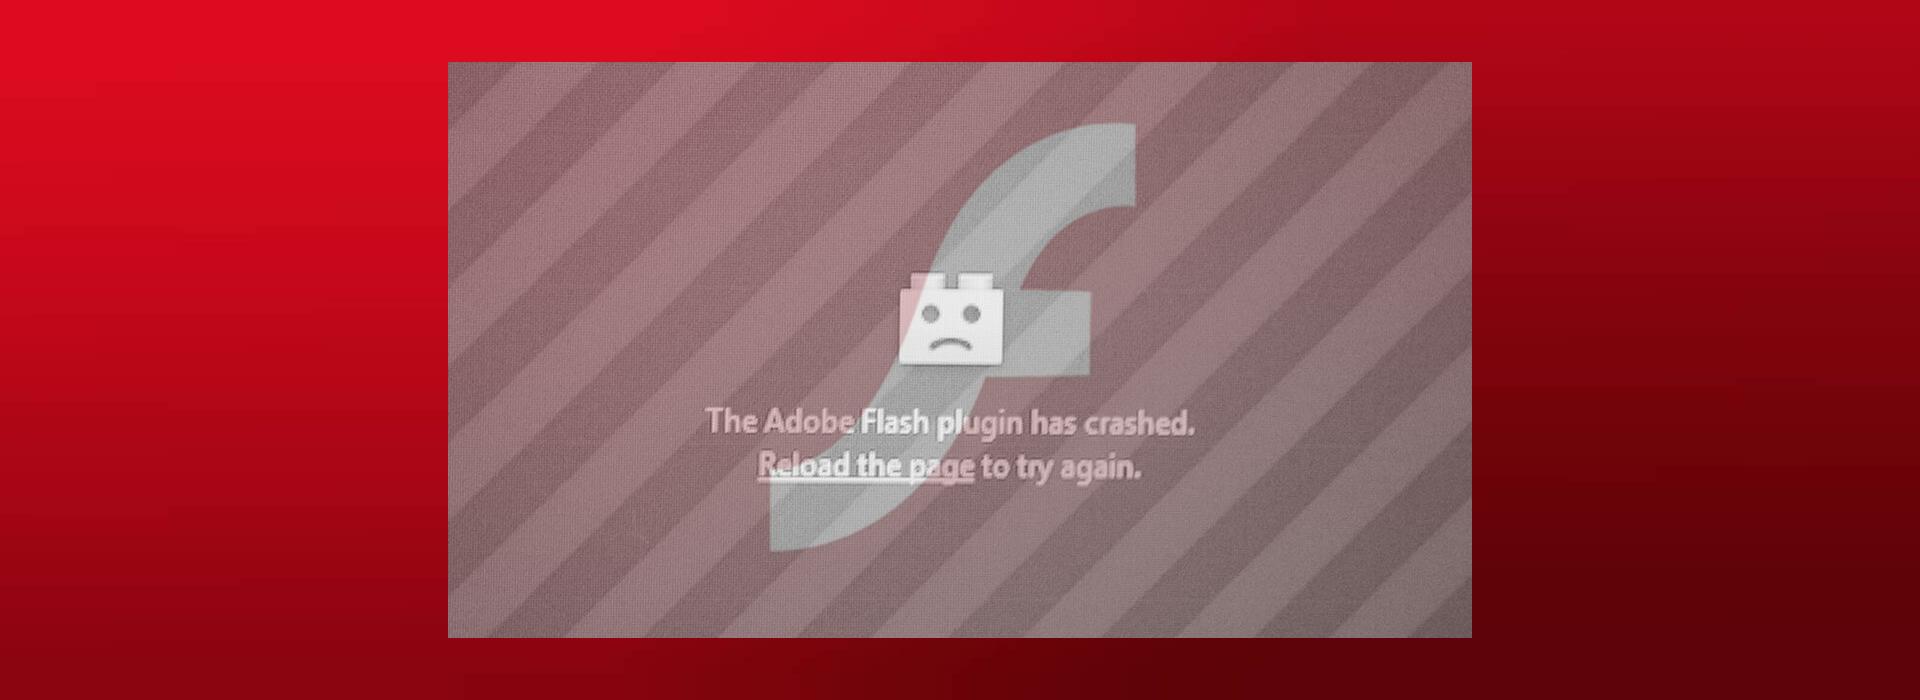 la muerte de flash adobe